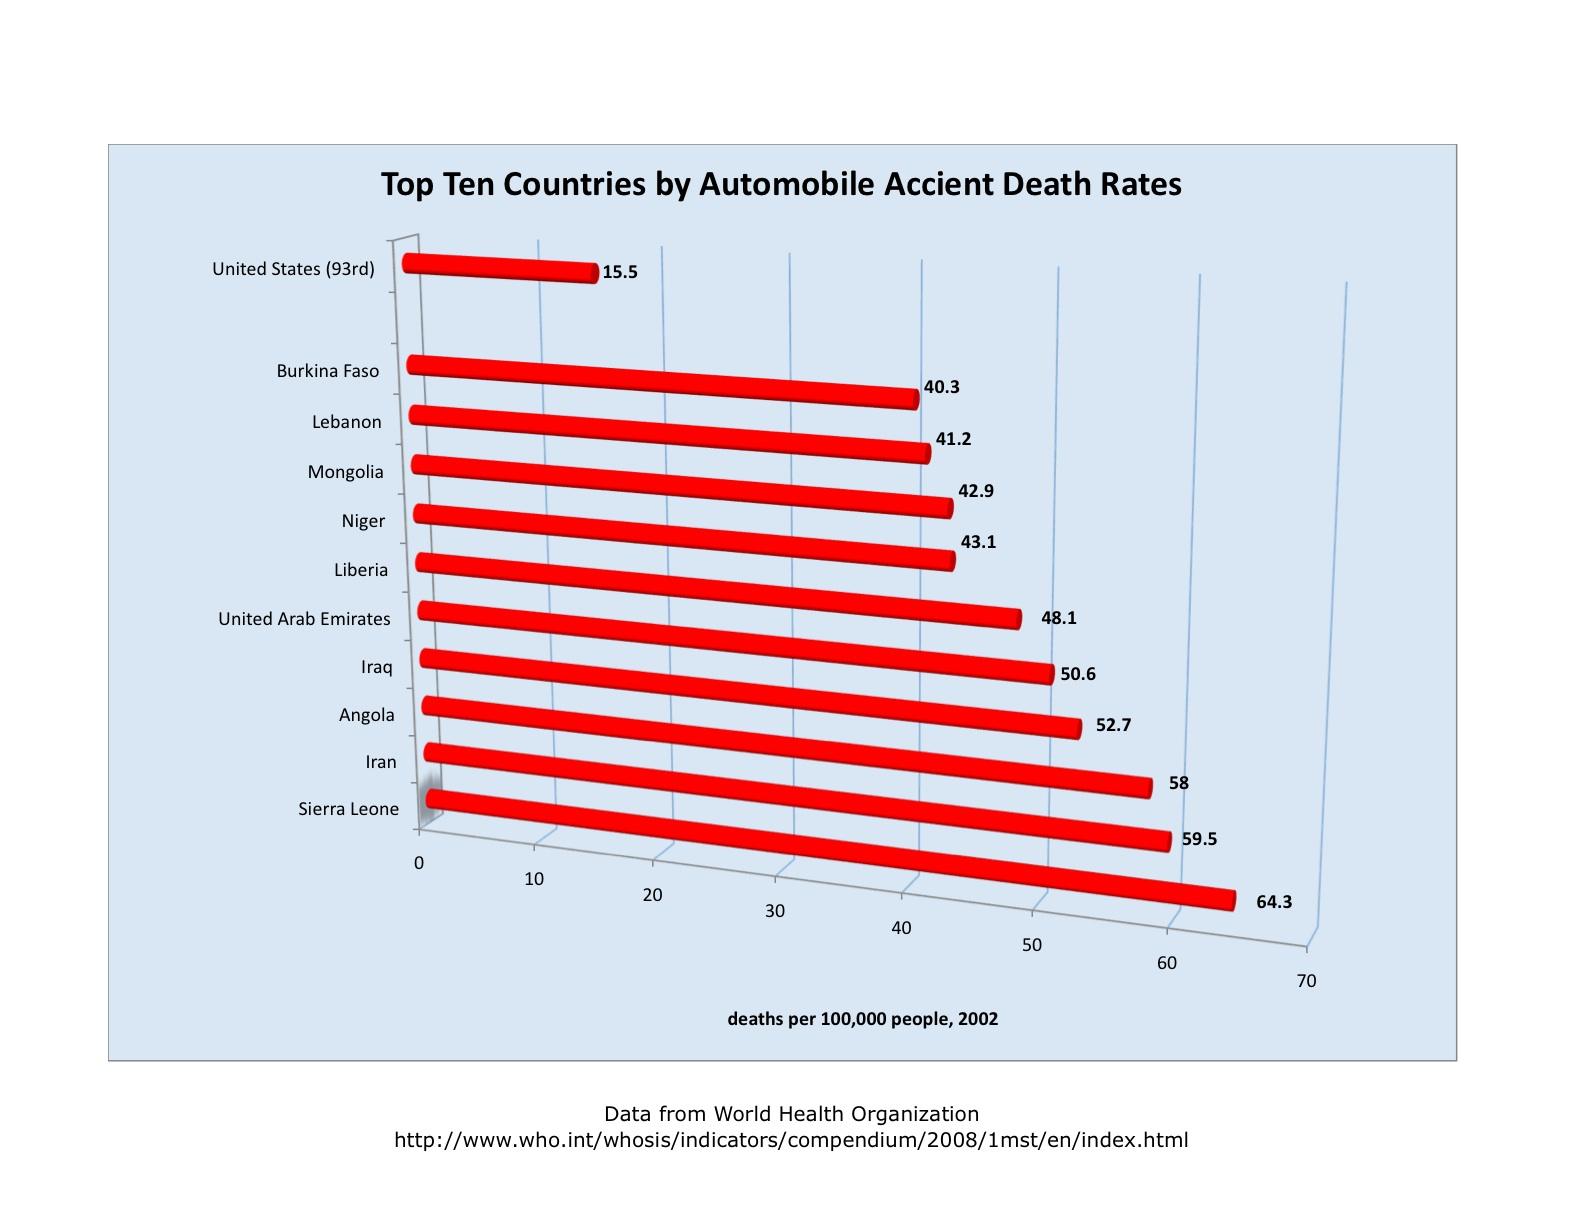 Automobile Accident Death Rates.xlsx